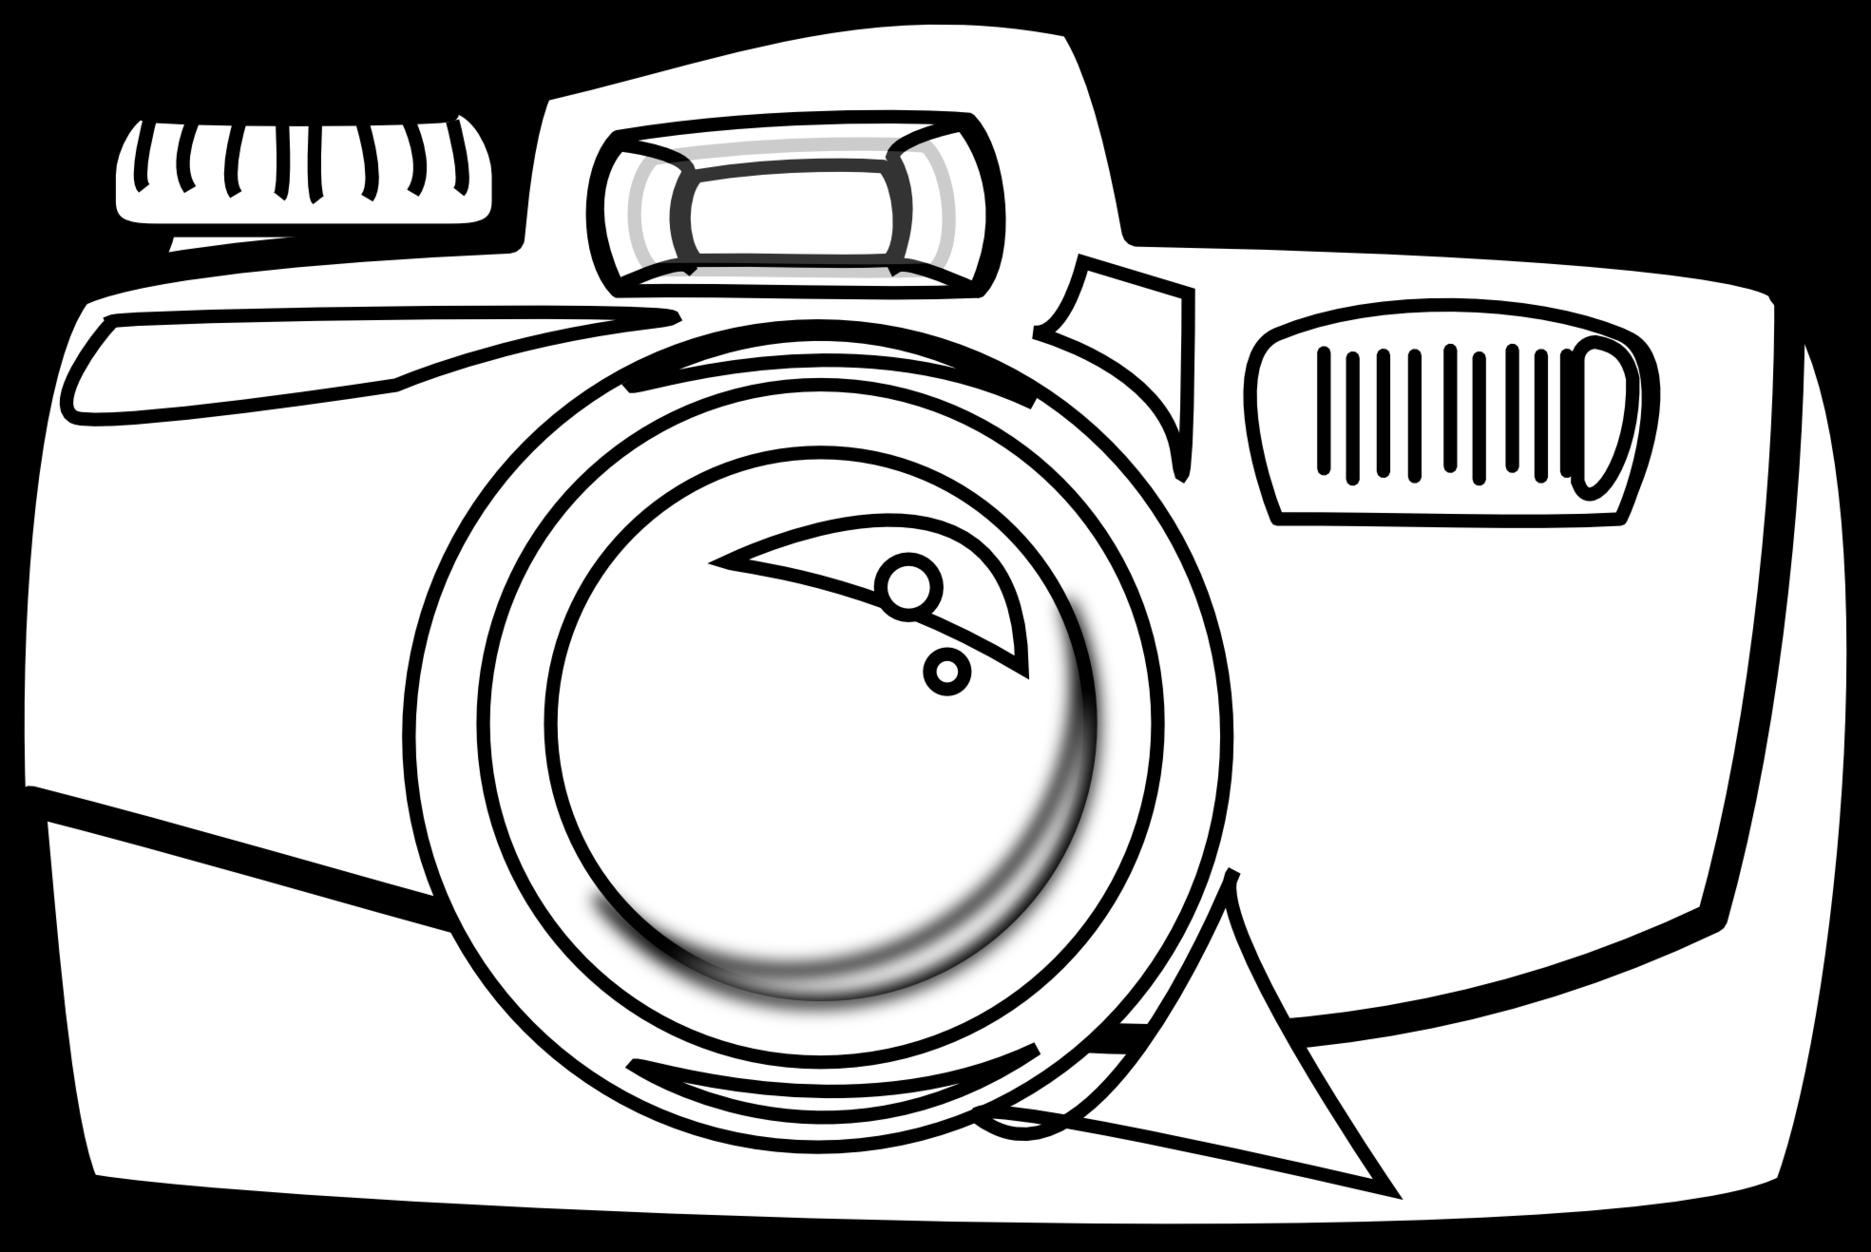 Clipart Cameras #26.